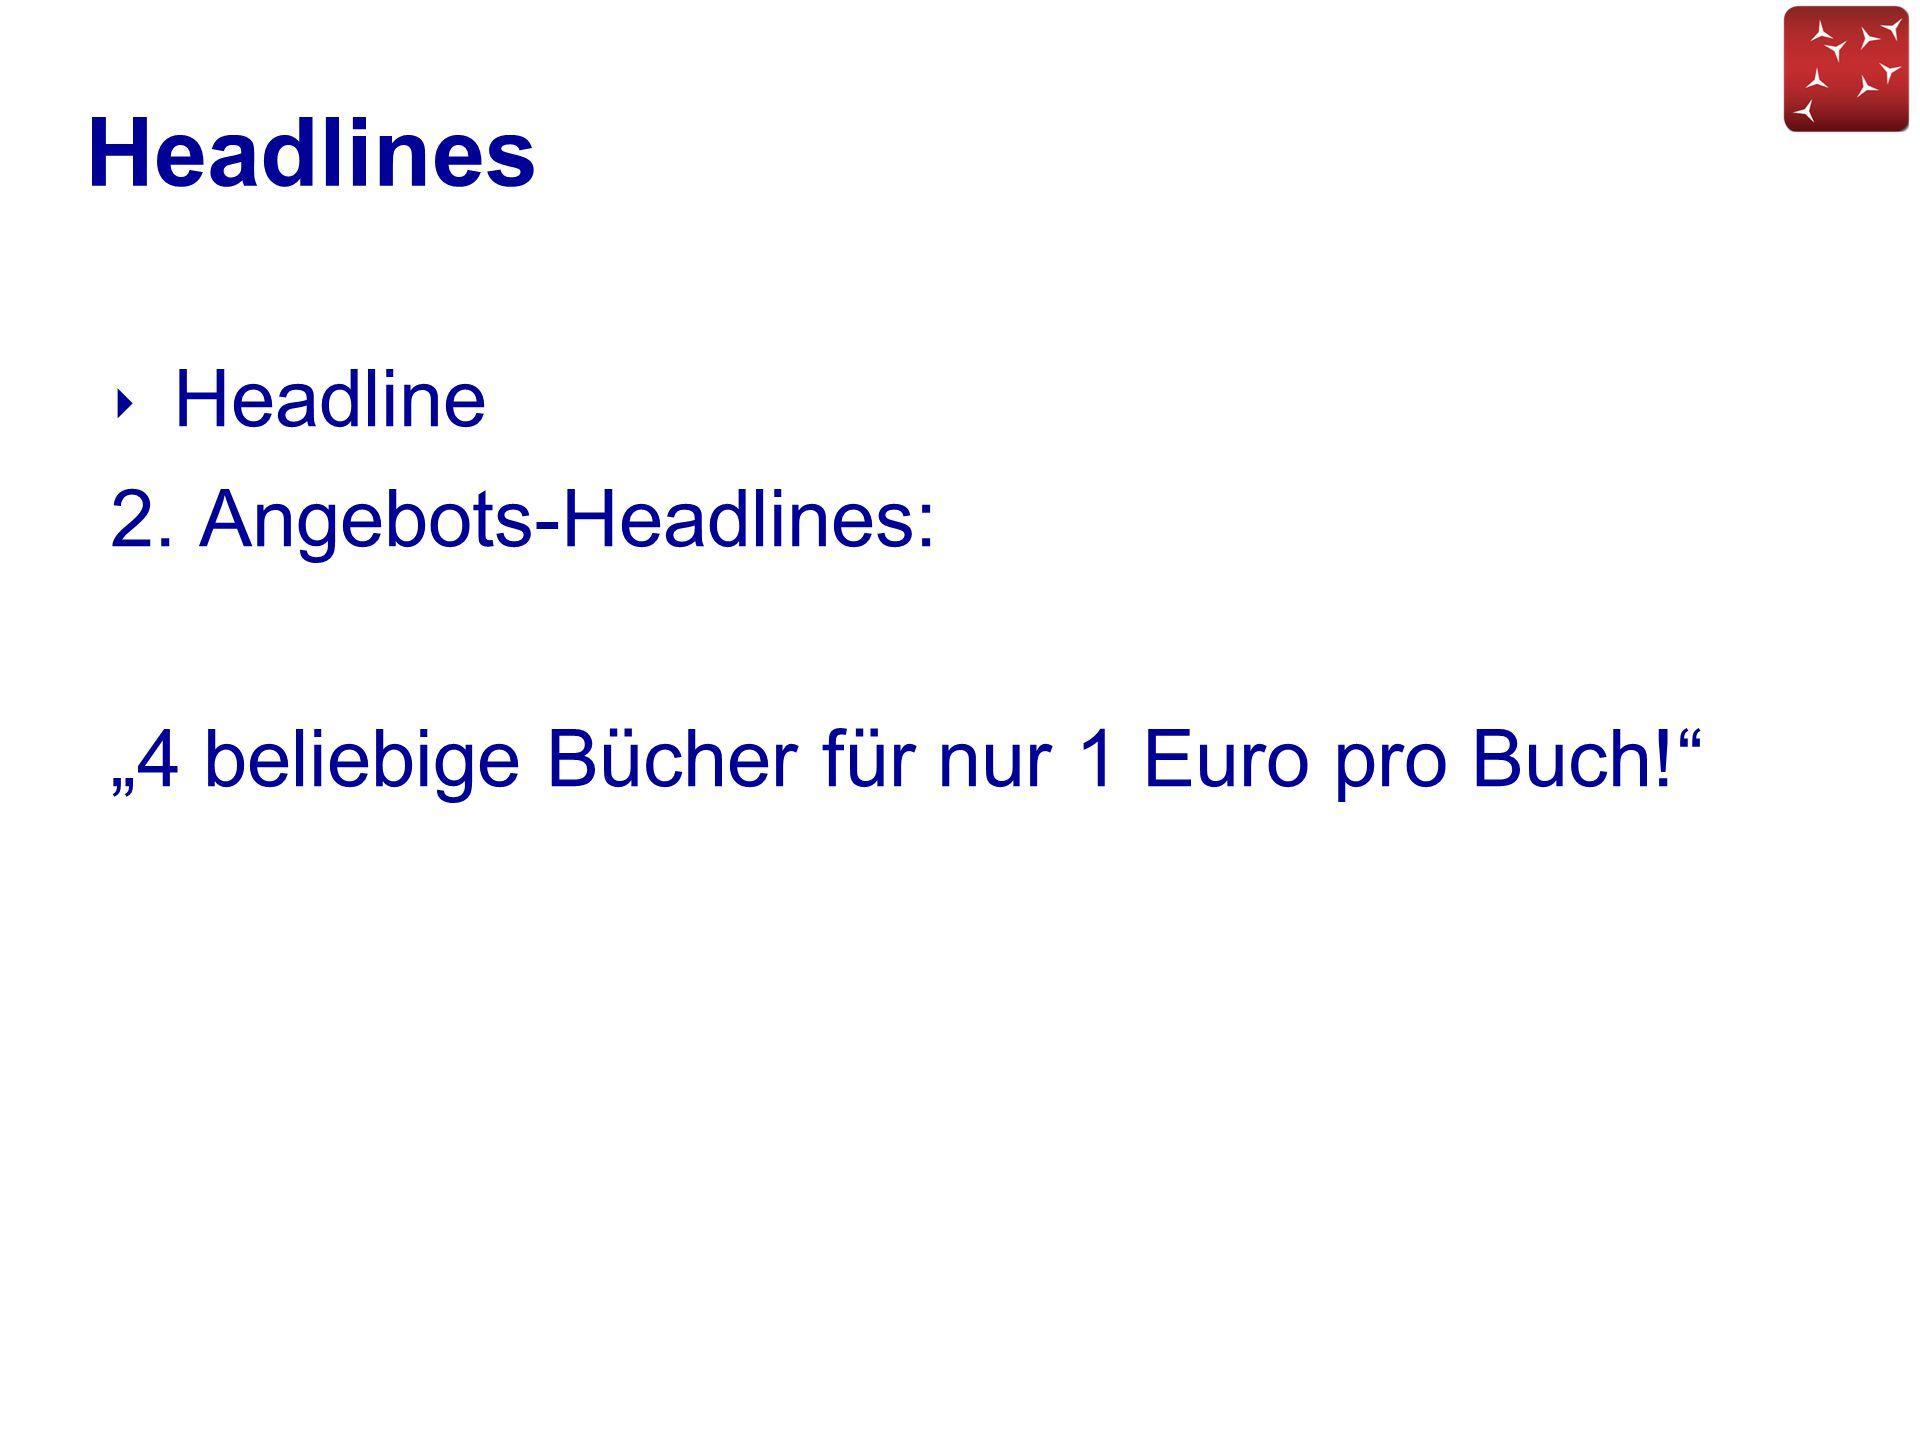 """Headlines ‣ Headline 2. Angebots-Headlines: """"4 beliebige Bücher für nur 1 Euro pro Buch!"""""""